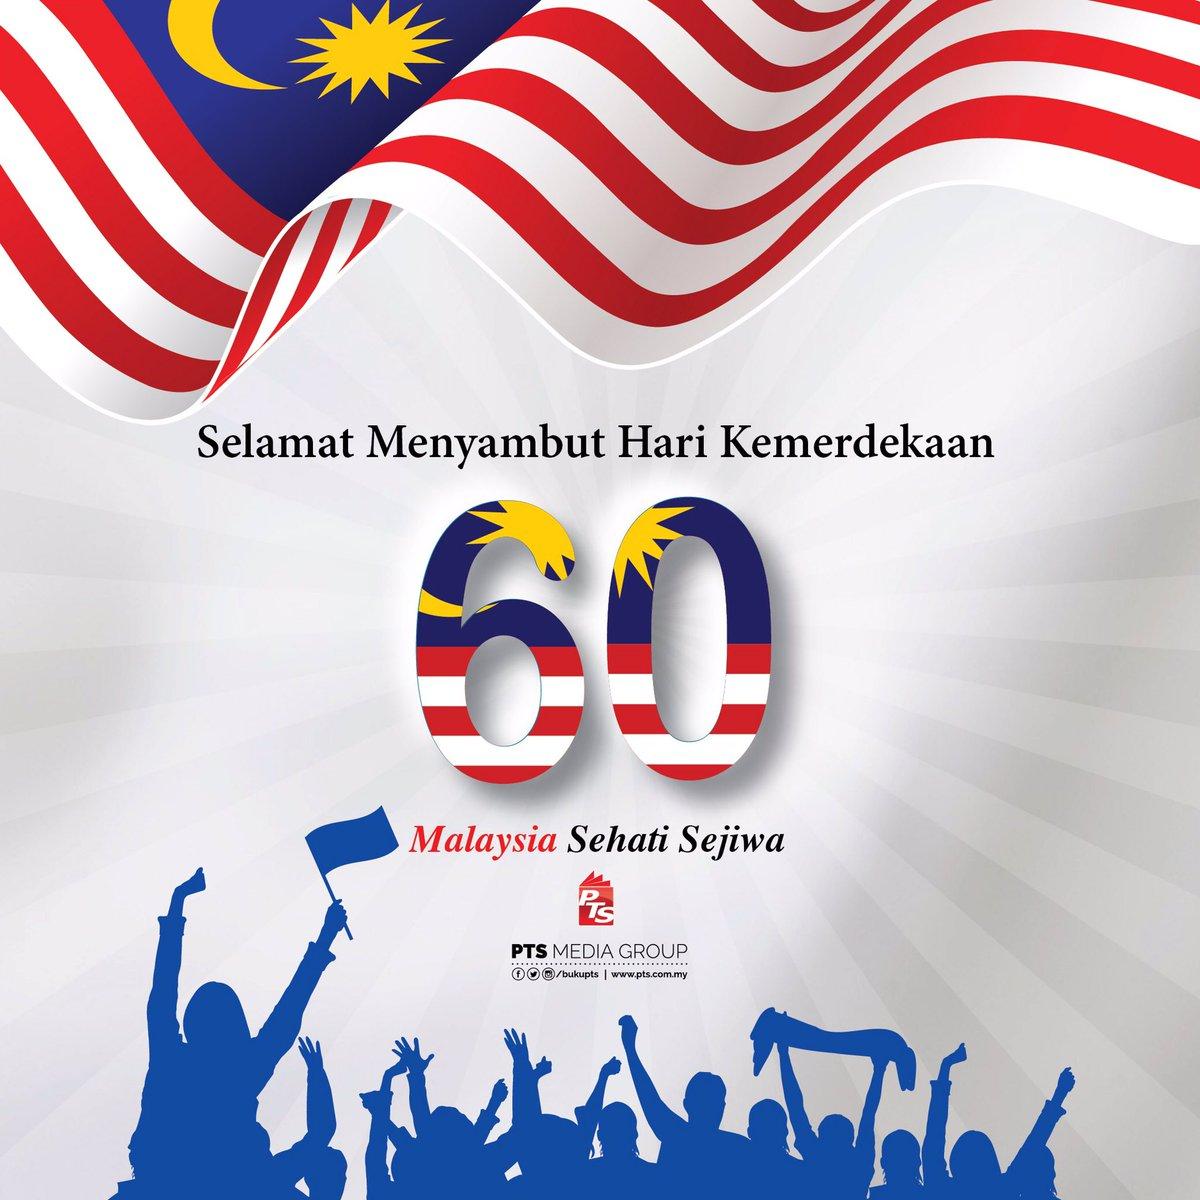 PTS Media Group On Twitter Rt Poster Ini Nyatakan Kpd Dunia Quote Smpna Malaysia Merdeka 60 Thn Kami Akan Pilih Secara Rawak Untk Hadiahkan Buku2 Pts